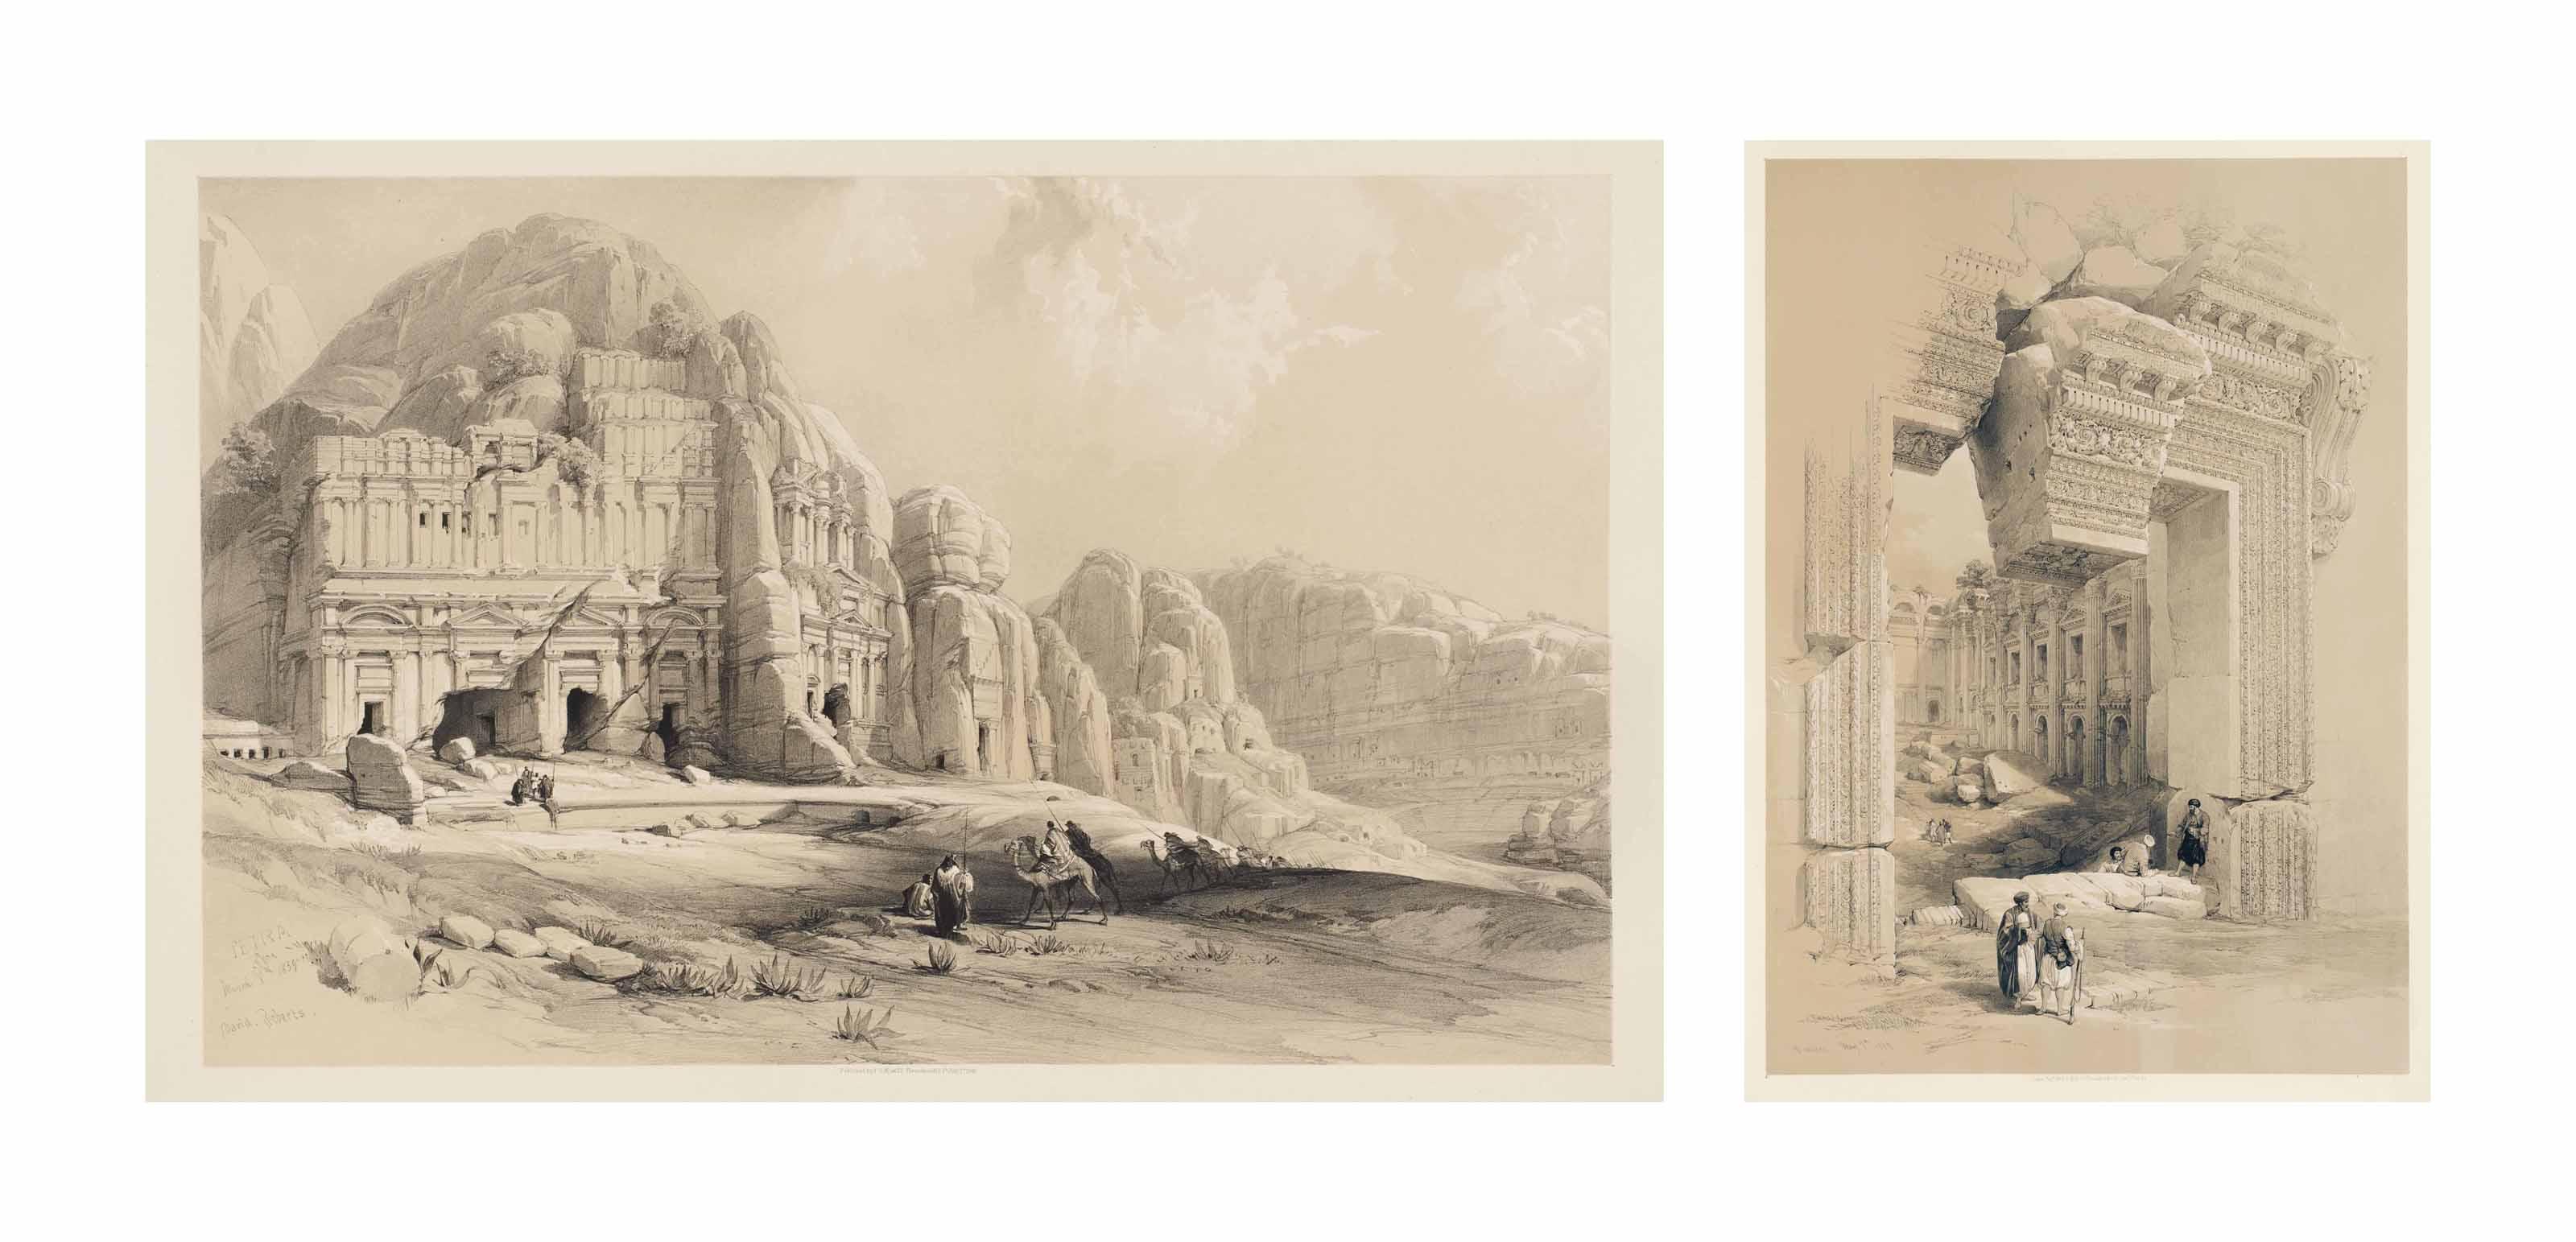 ROBERTS, David (1796-1864) & CROLY, George (1780-1860). The Holy Land, Syria, Idumea, Arabia, Egypt, & Nubia. From Drawings Made on the Spot by David Roberts, R.A. with Historical Descriptions by the Revd. George Croly, L.L.D. Lithographed by Louis Haghe. London, F. G. Moom, 1842-(1845). 3 volumes grands in-folio (608 x 435 mm). Richement orné de 123 lithographies teintées dont le portrait de l'auteur sur Chine appliqué et deux titres, le tout monté sur onglets. Demi-chagrin havane à coins, plats en percaline originale ornés du titre et blasons dorés sur les plats supérieurs, dos à nerfs ornés.